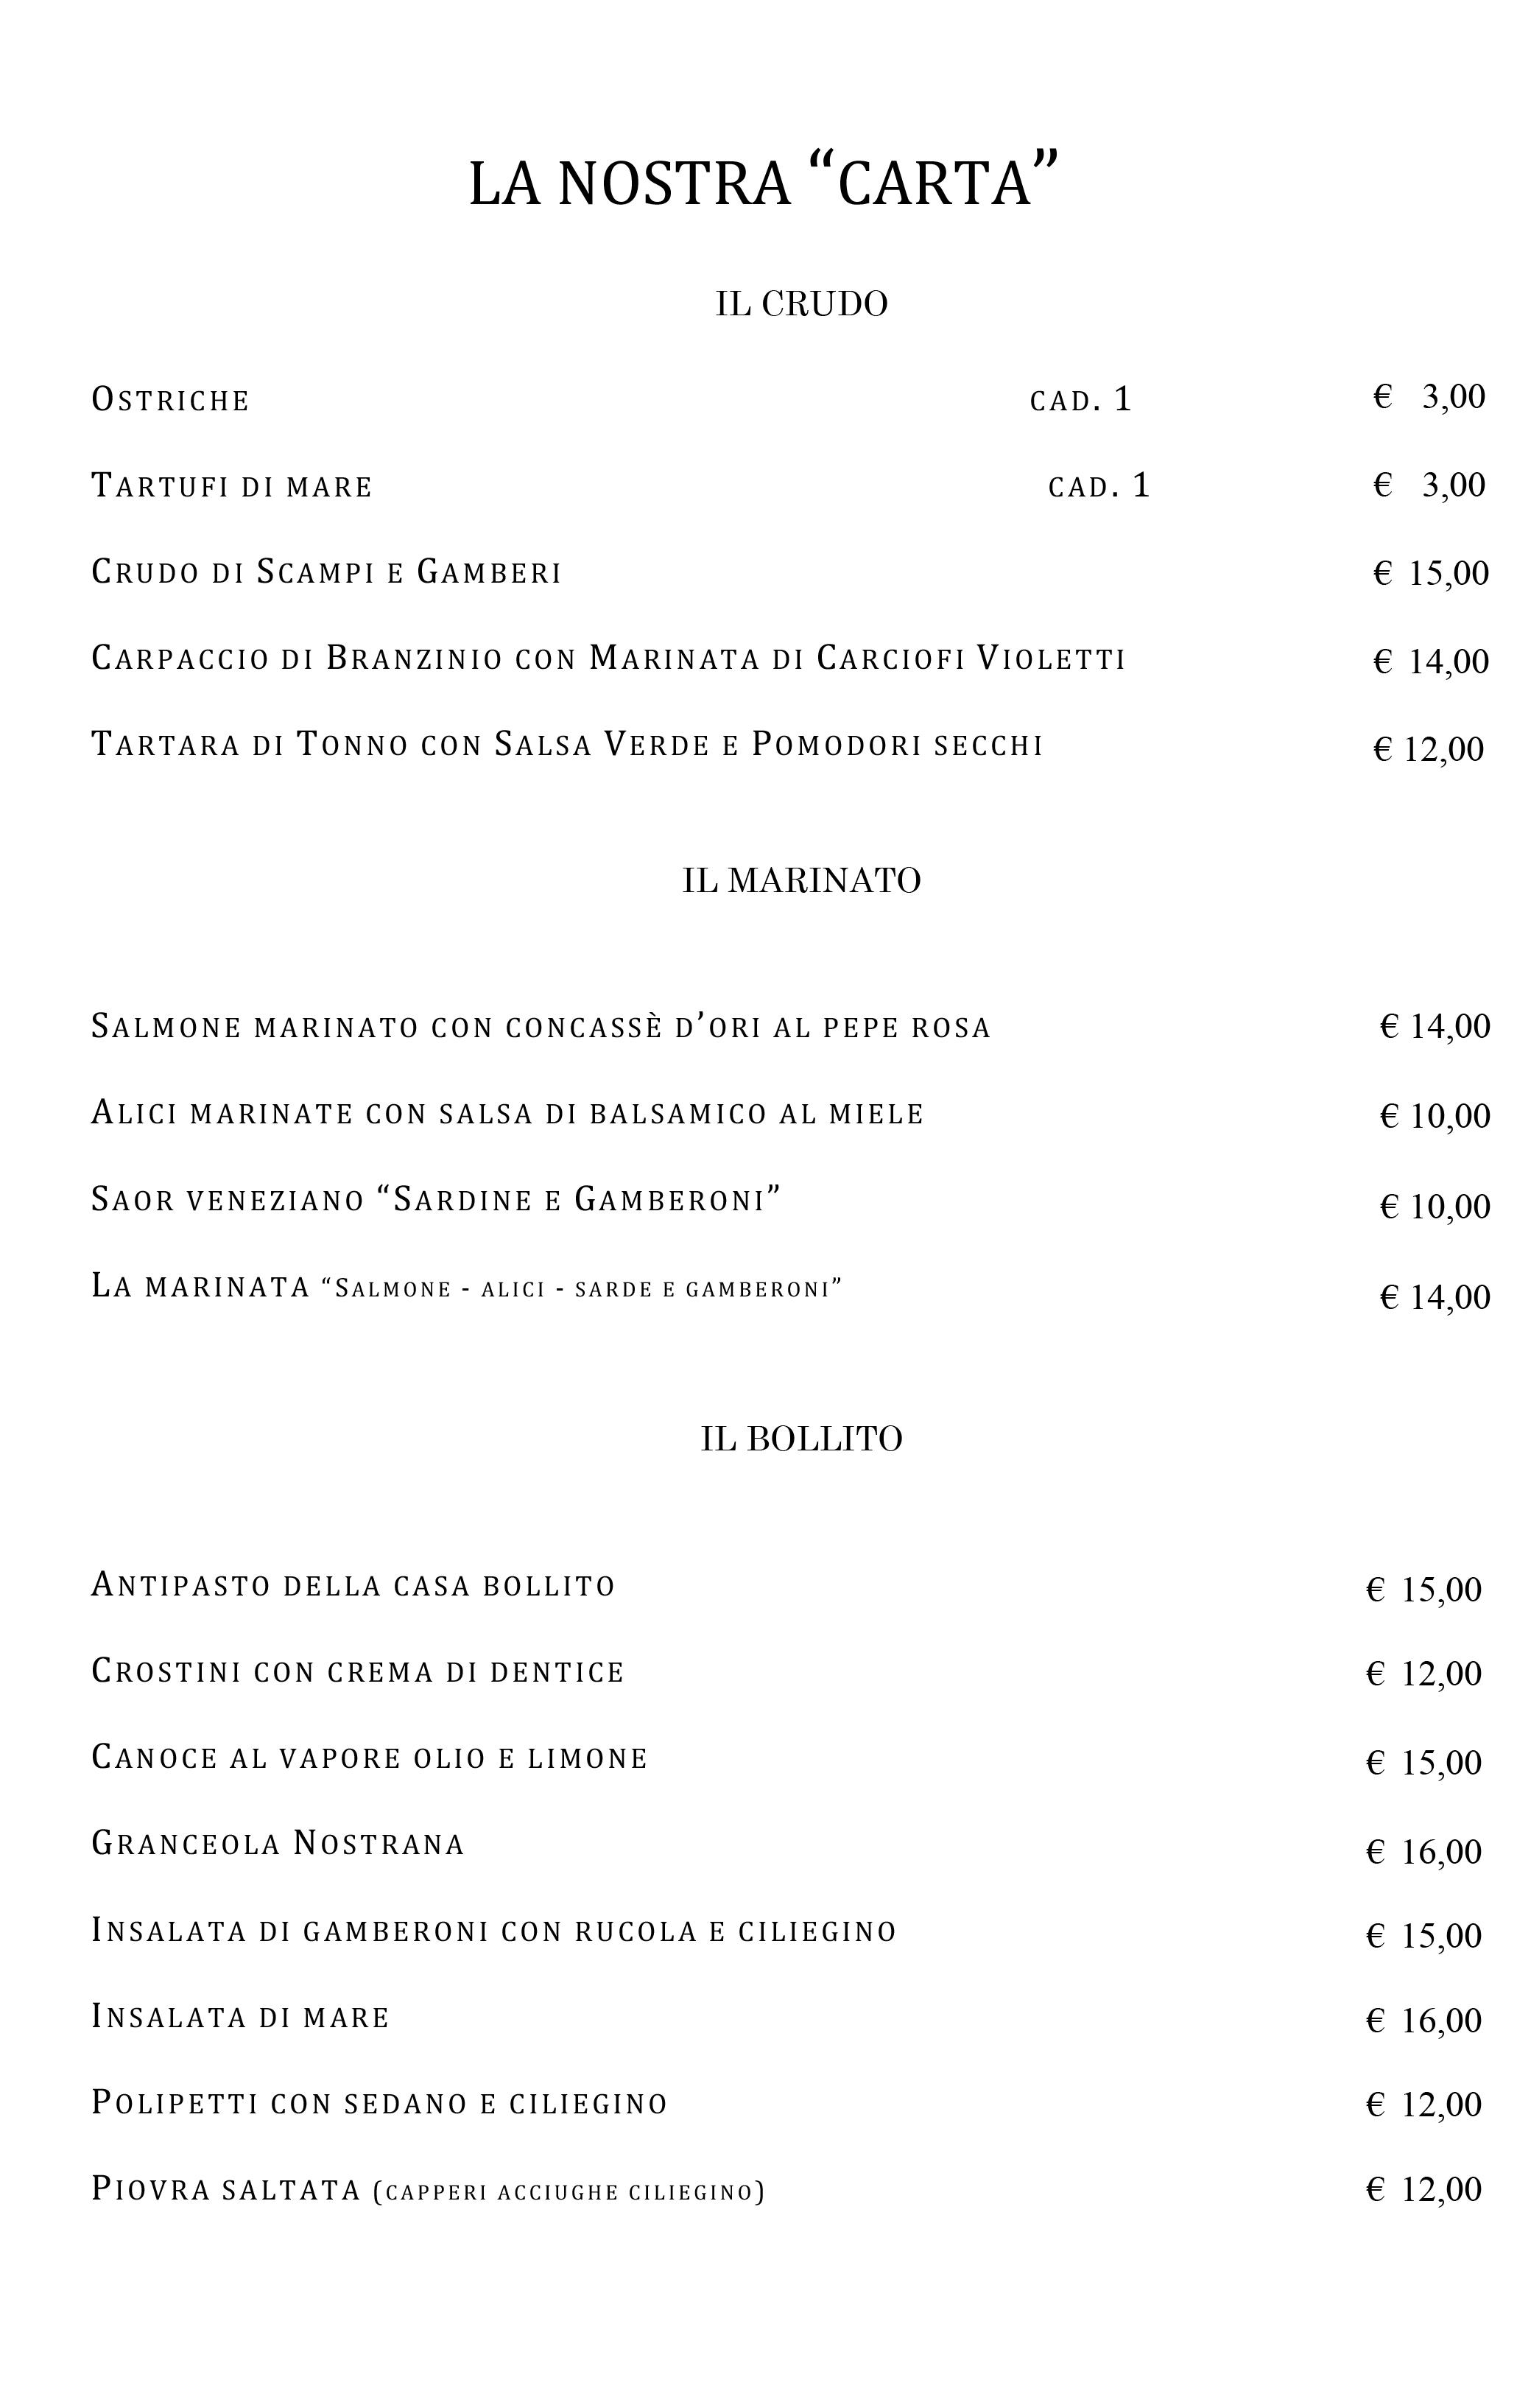 Microsoft Word - Da Fernanda La Nostra Carta A.docx